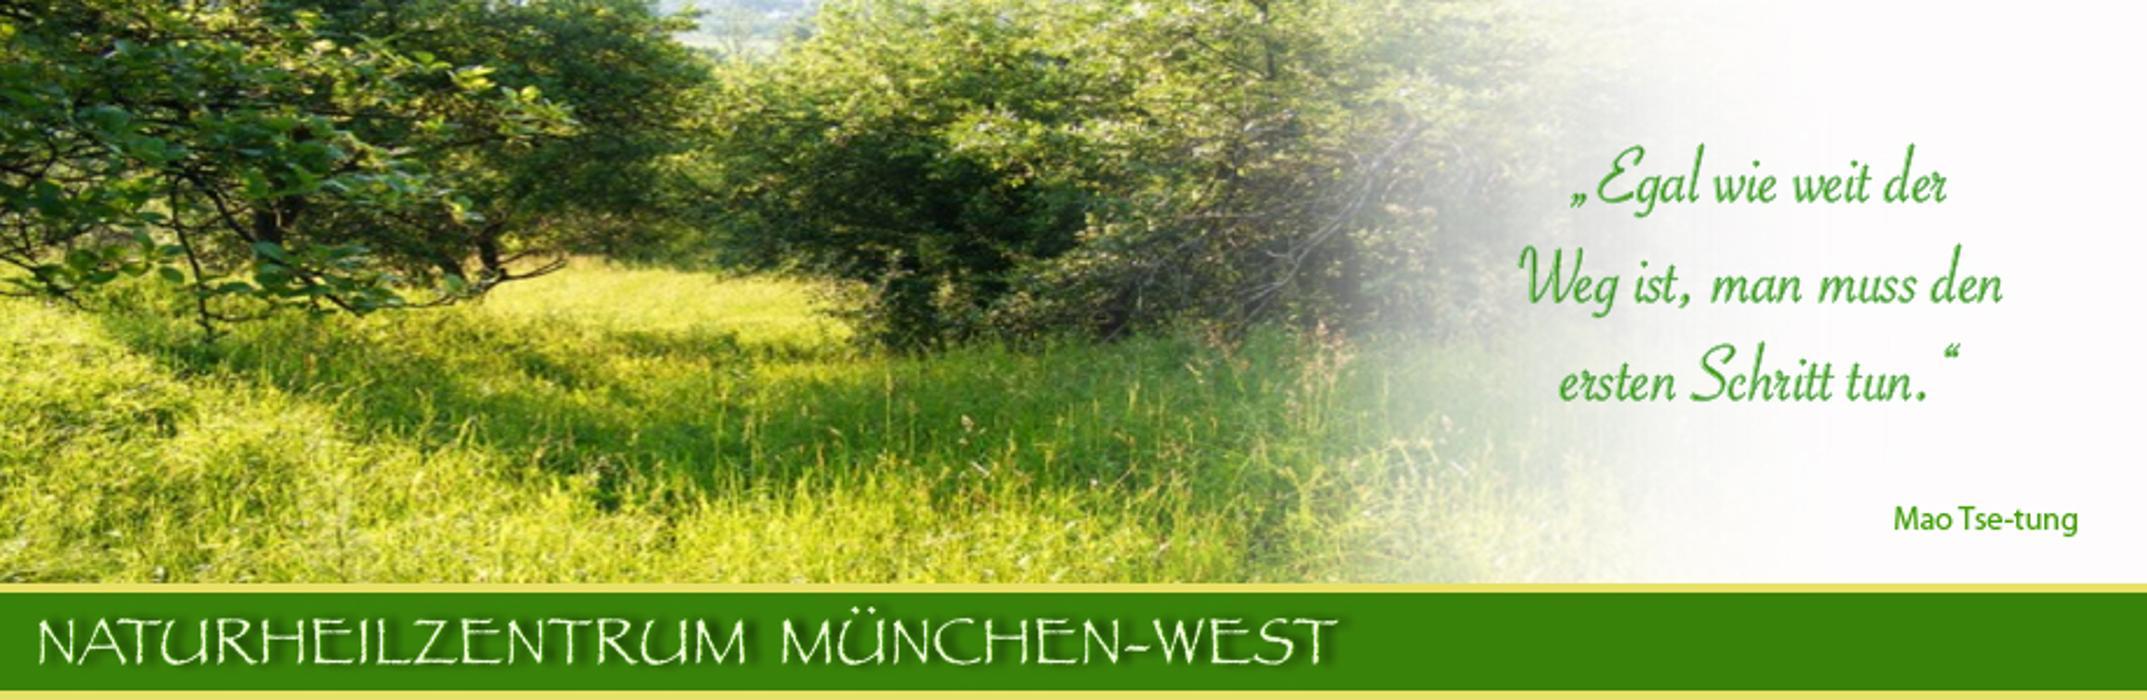 Naturheilzentrum München-West